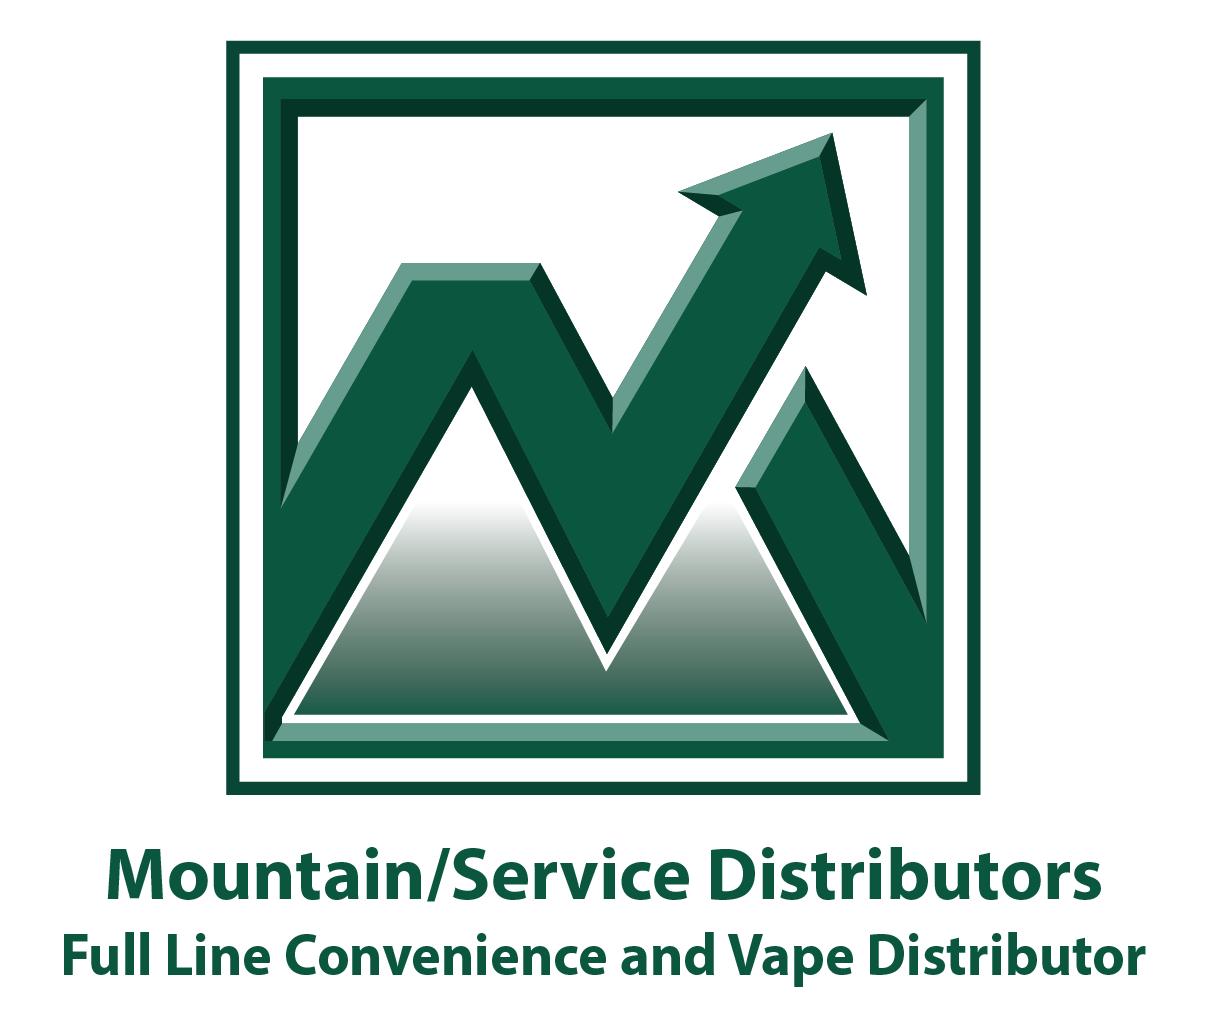 Mountain/Service Distributors logo